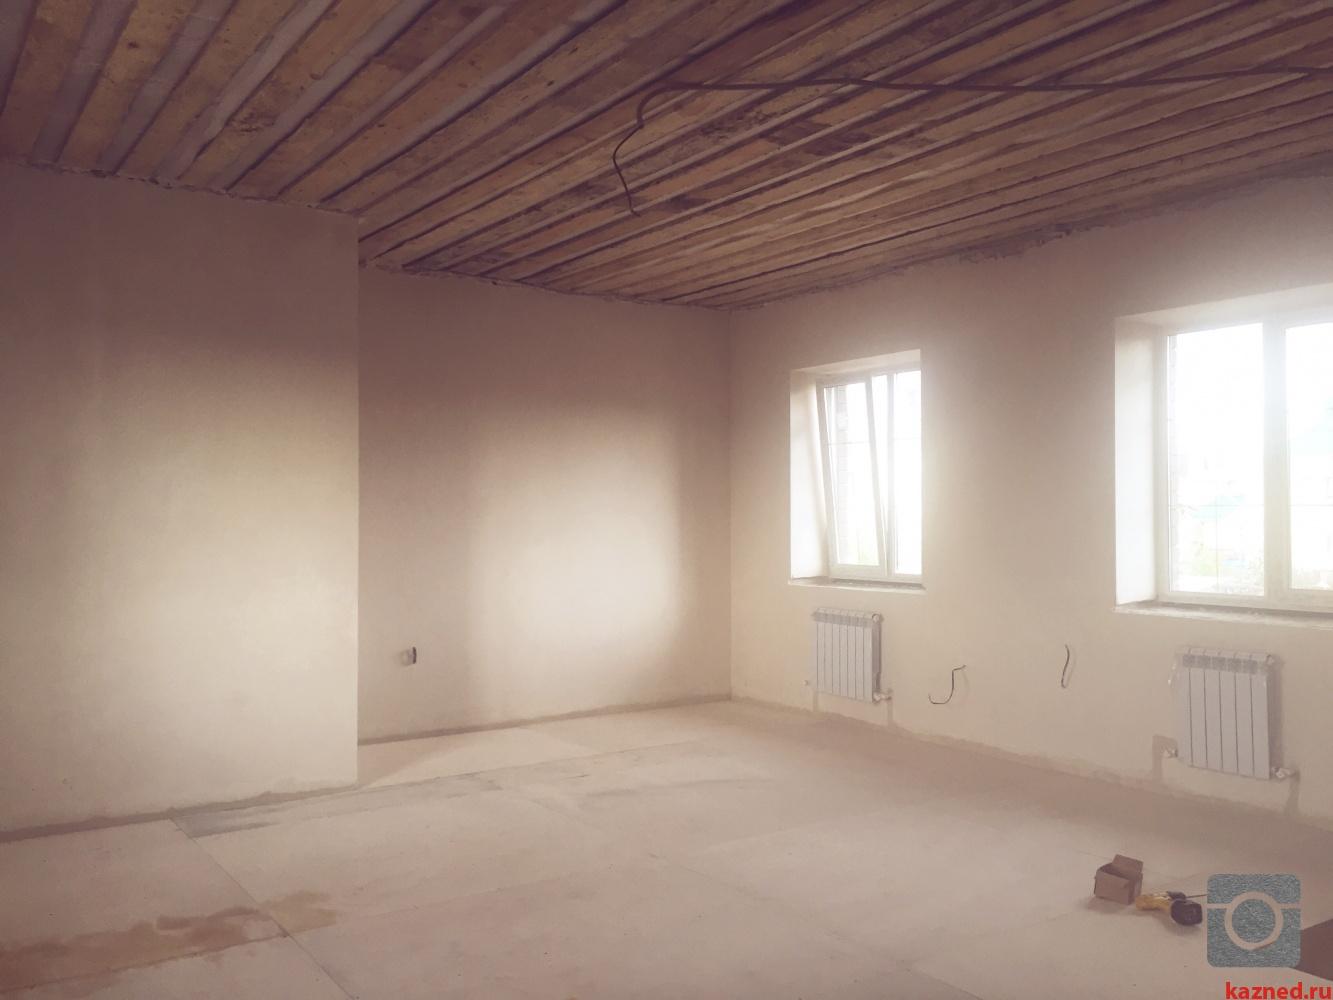 Продажа  дома вознесение, ул Грачиная, 200 м²  (миниатюра №3)